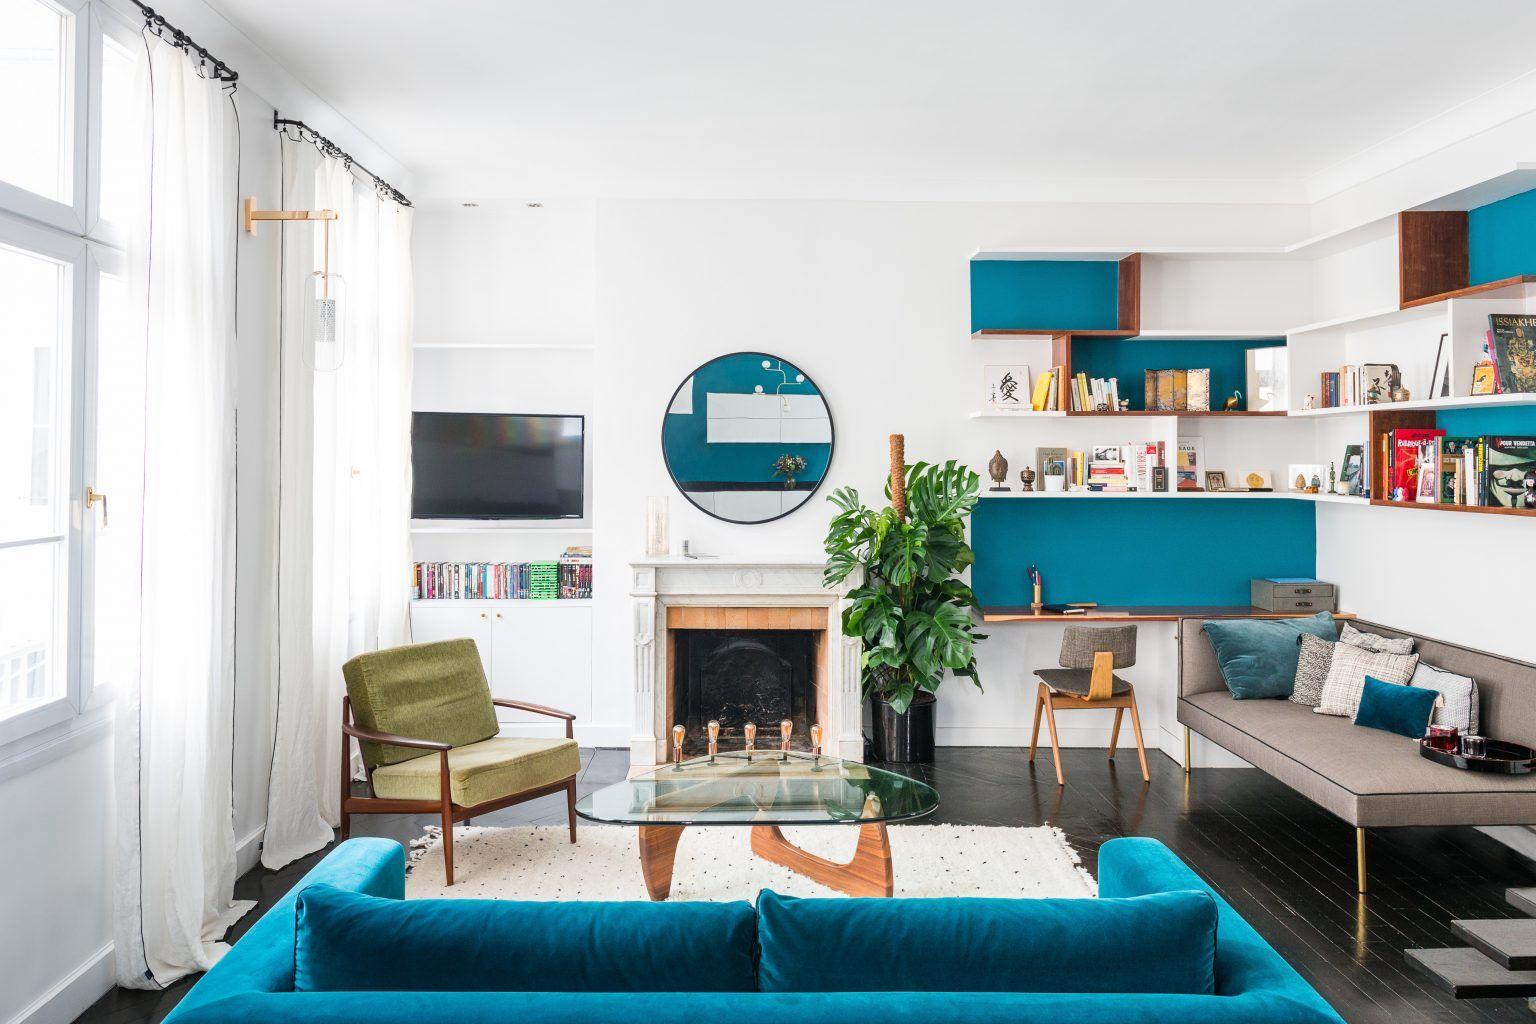 d coration paris appartement marion alberge salon s jour appartement duplex. Black Bedroom Furniture Sets. Home Design Ideas